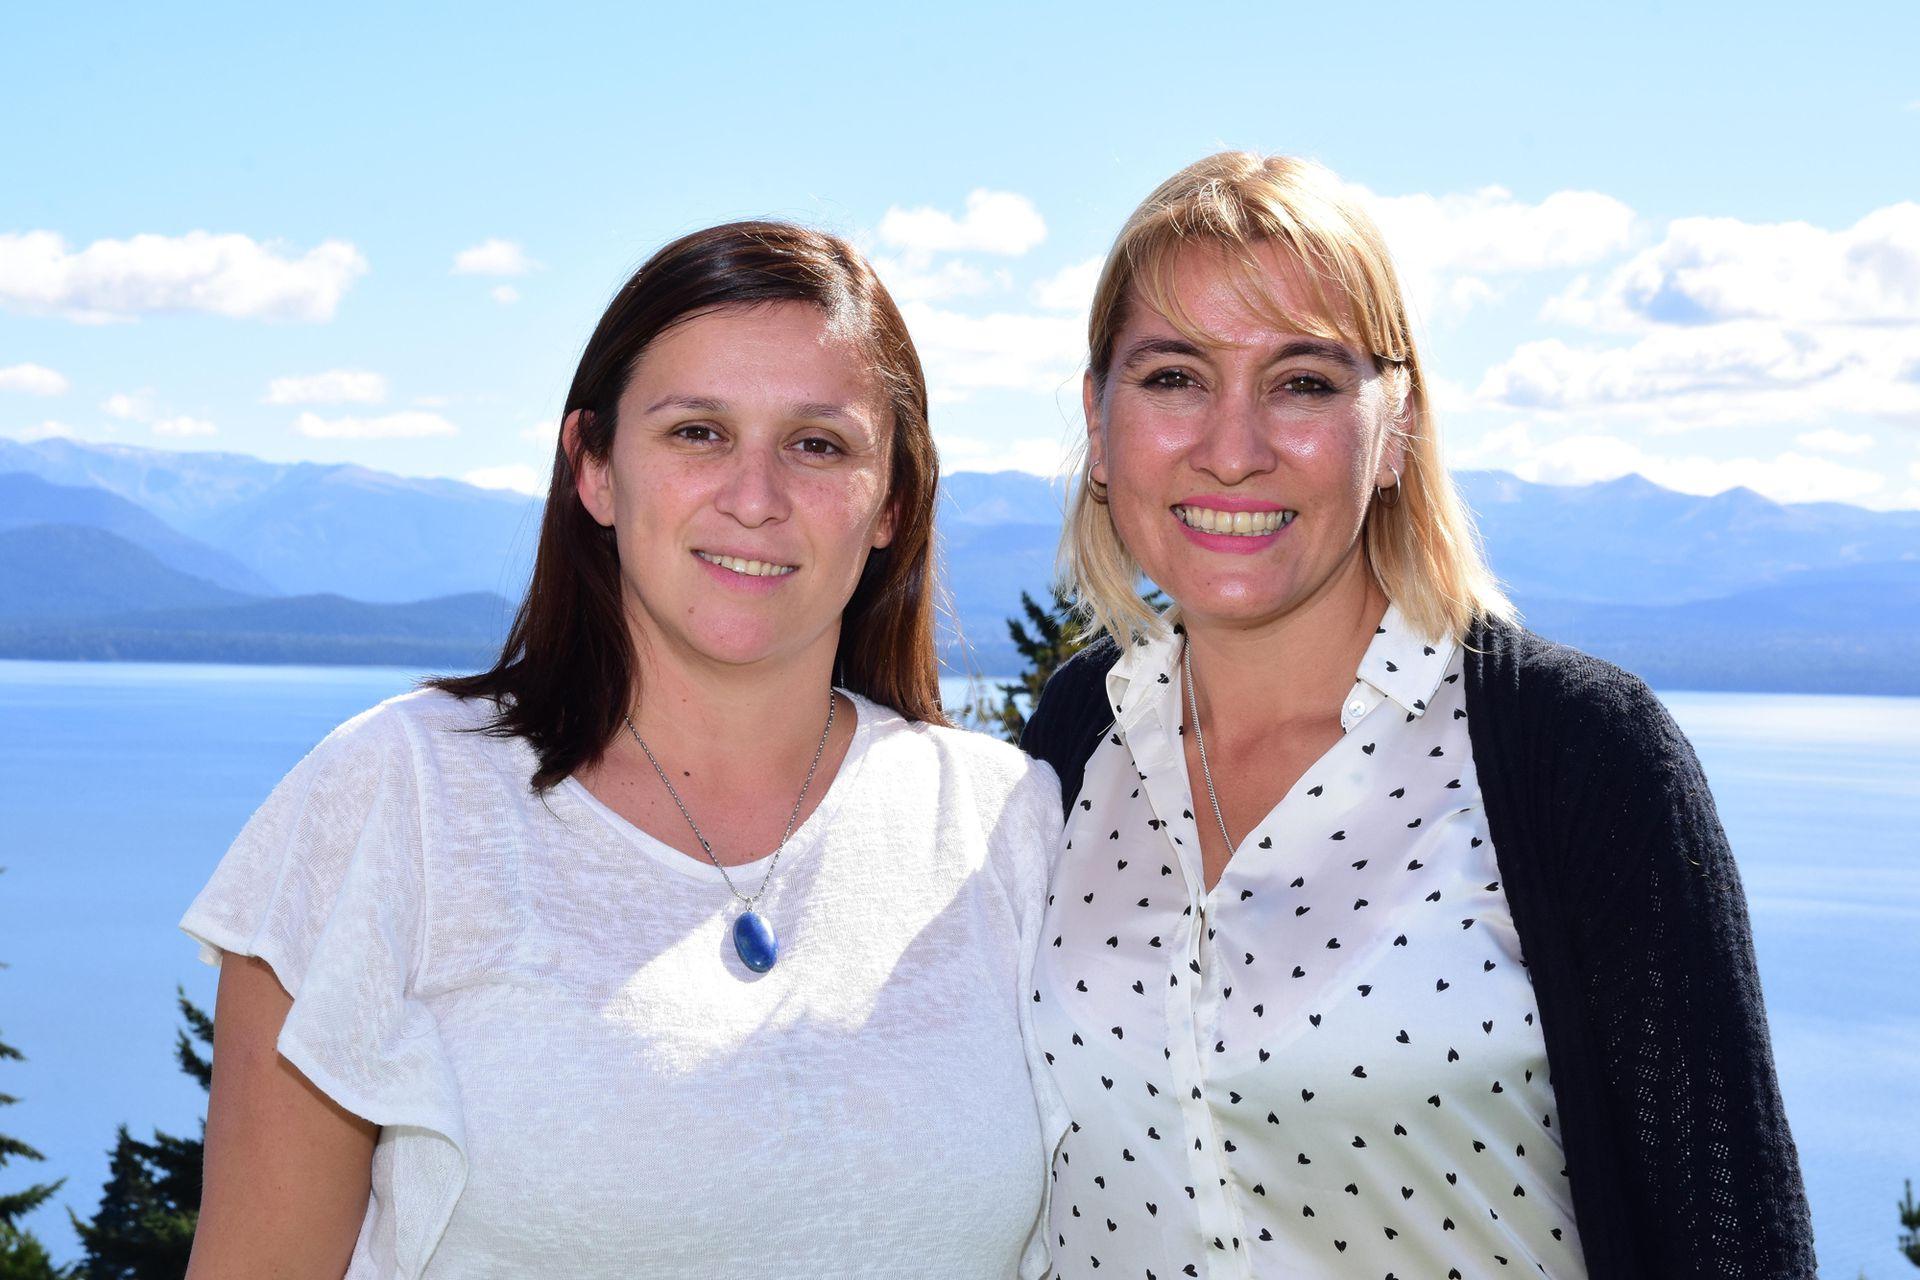 Flavia Boschi y Lorena Matzen